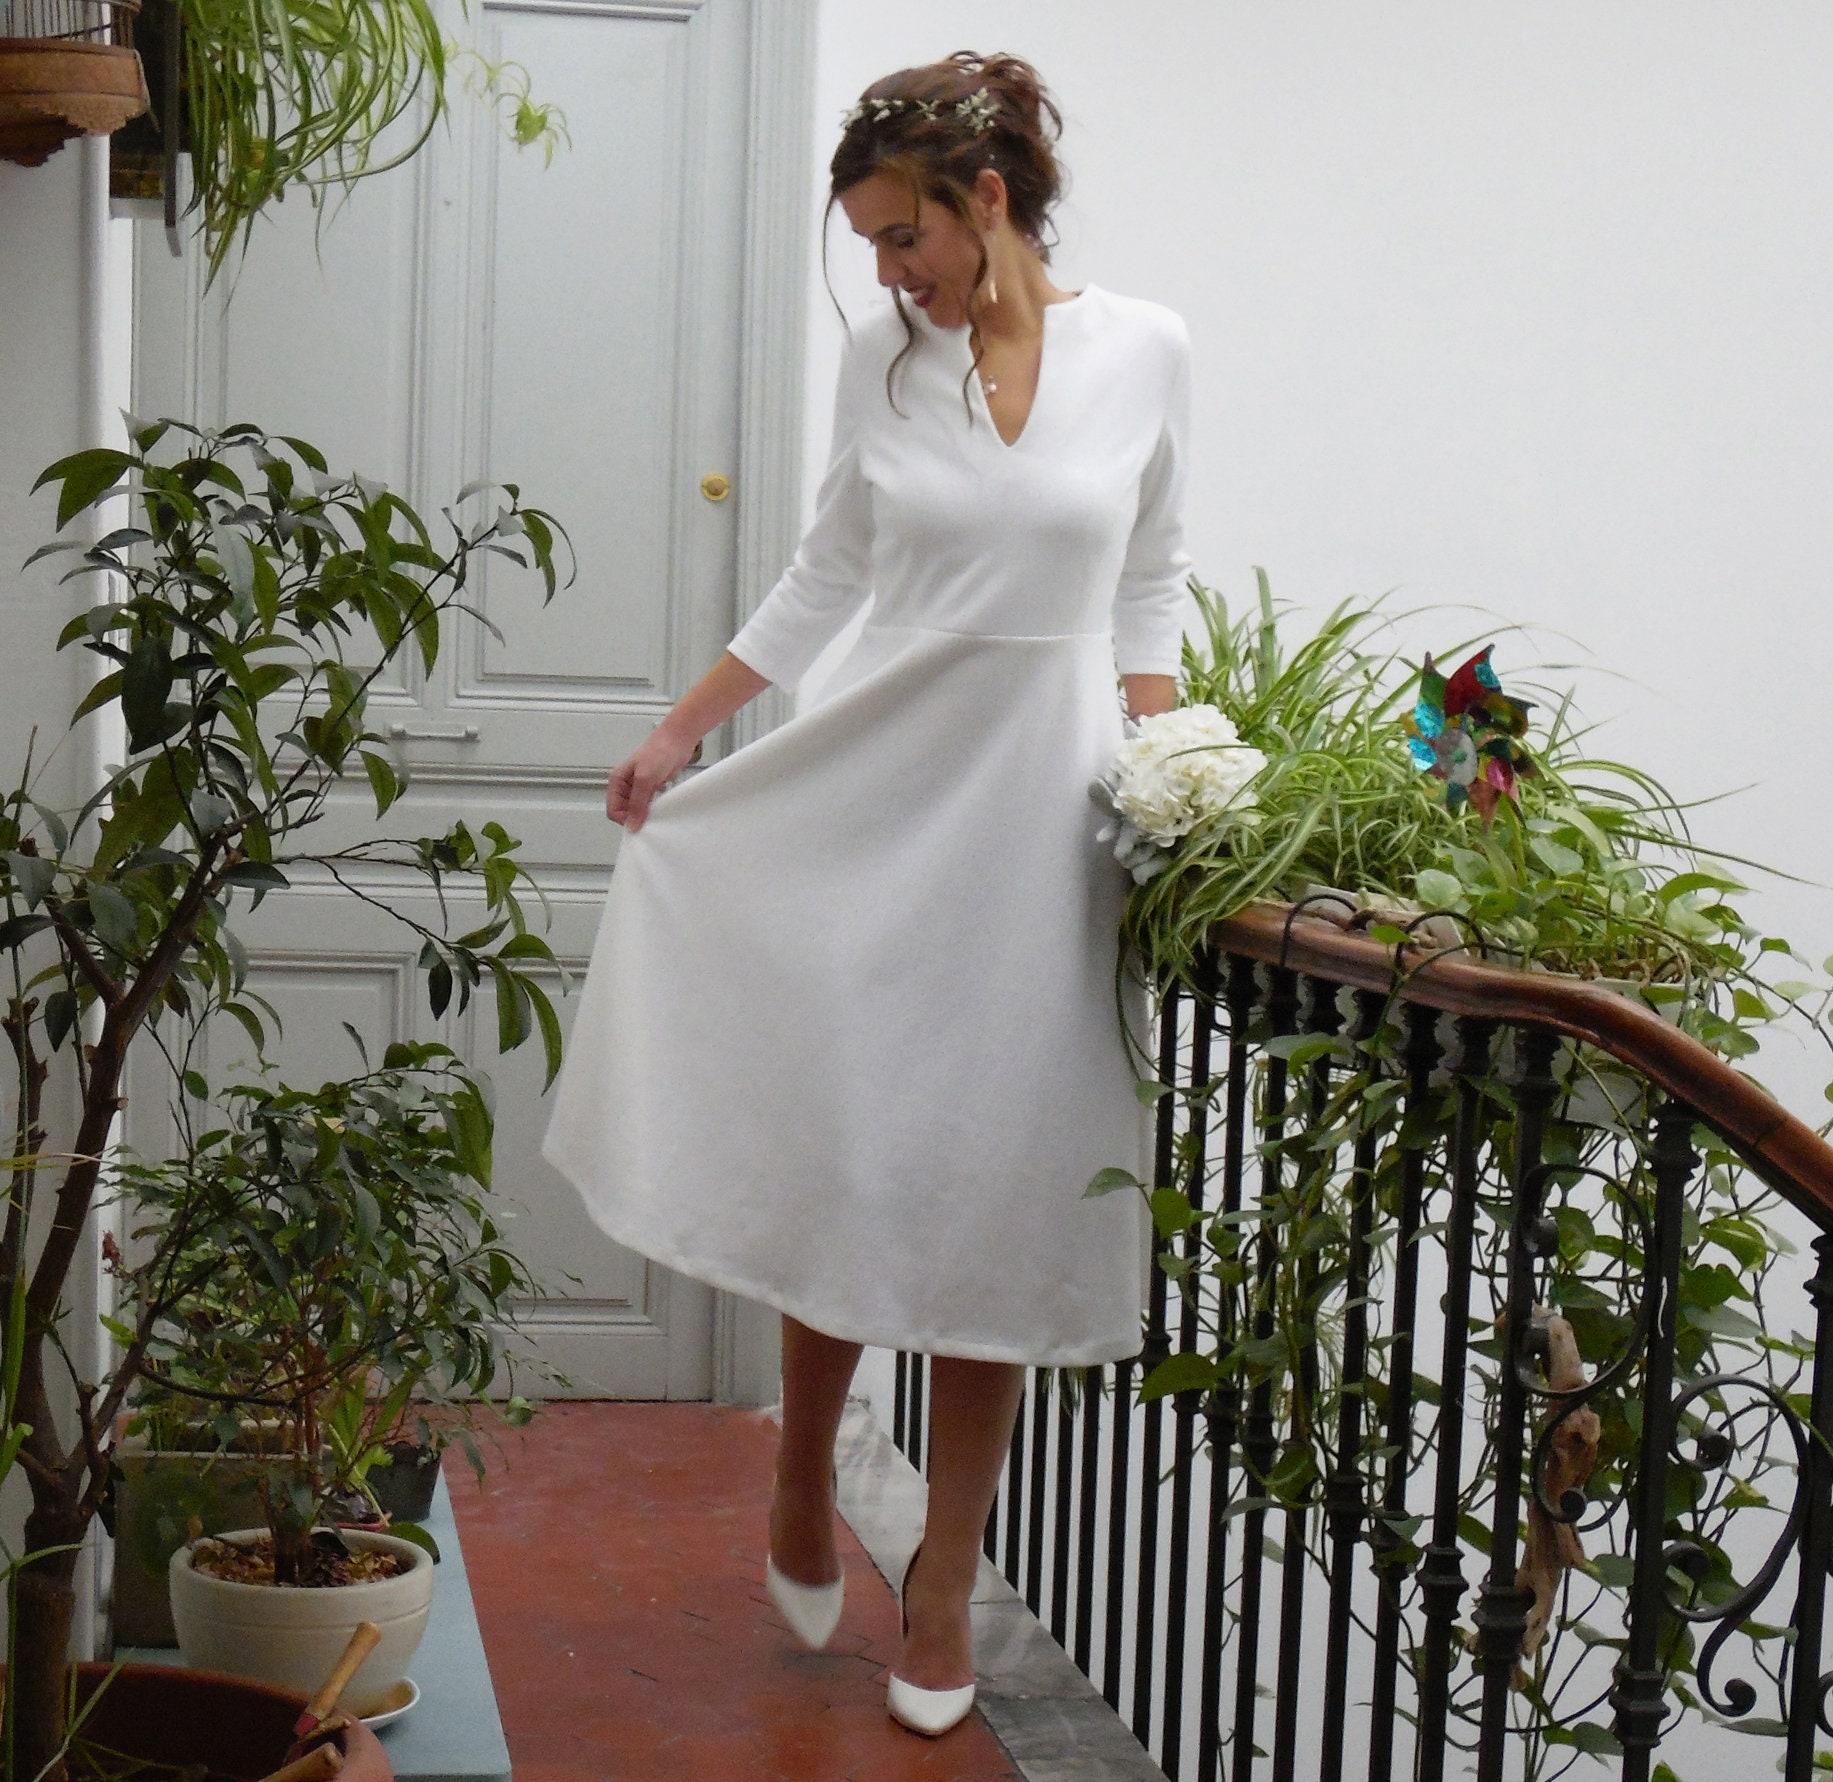 e373a048aa2 Winter wedding dress